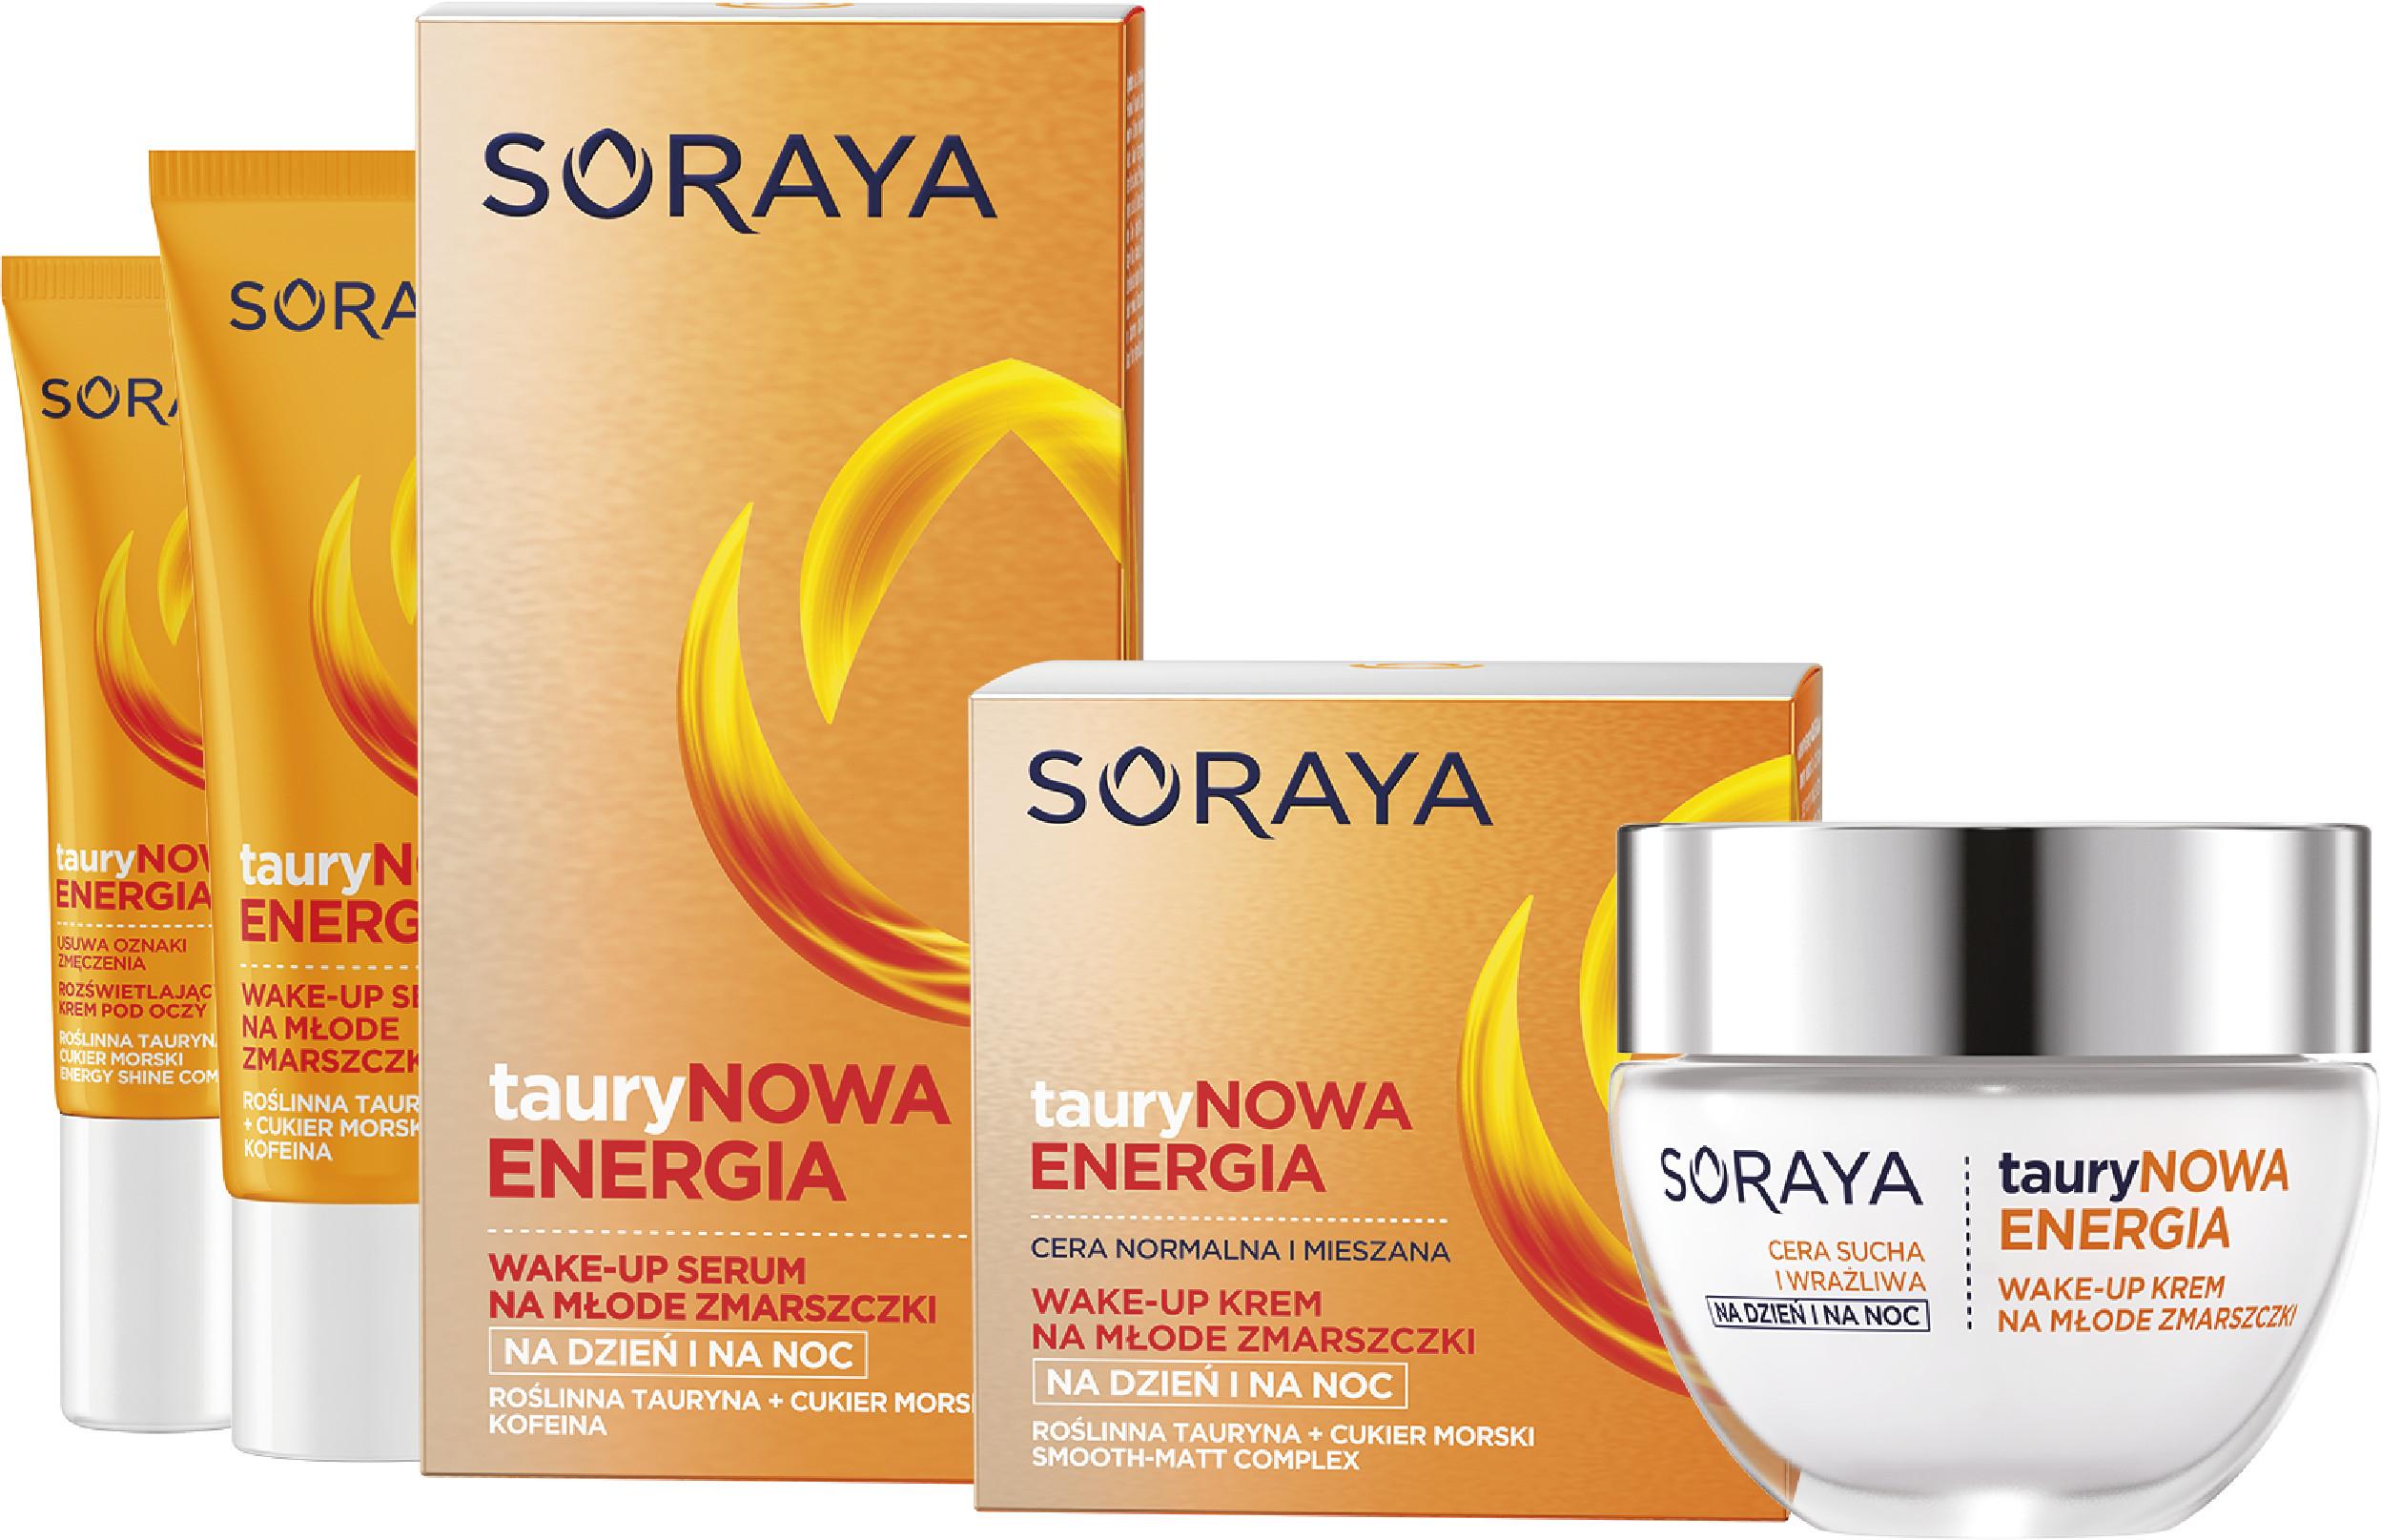 TauryNowa Energia Soraya